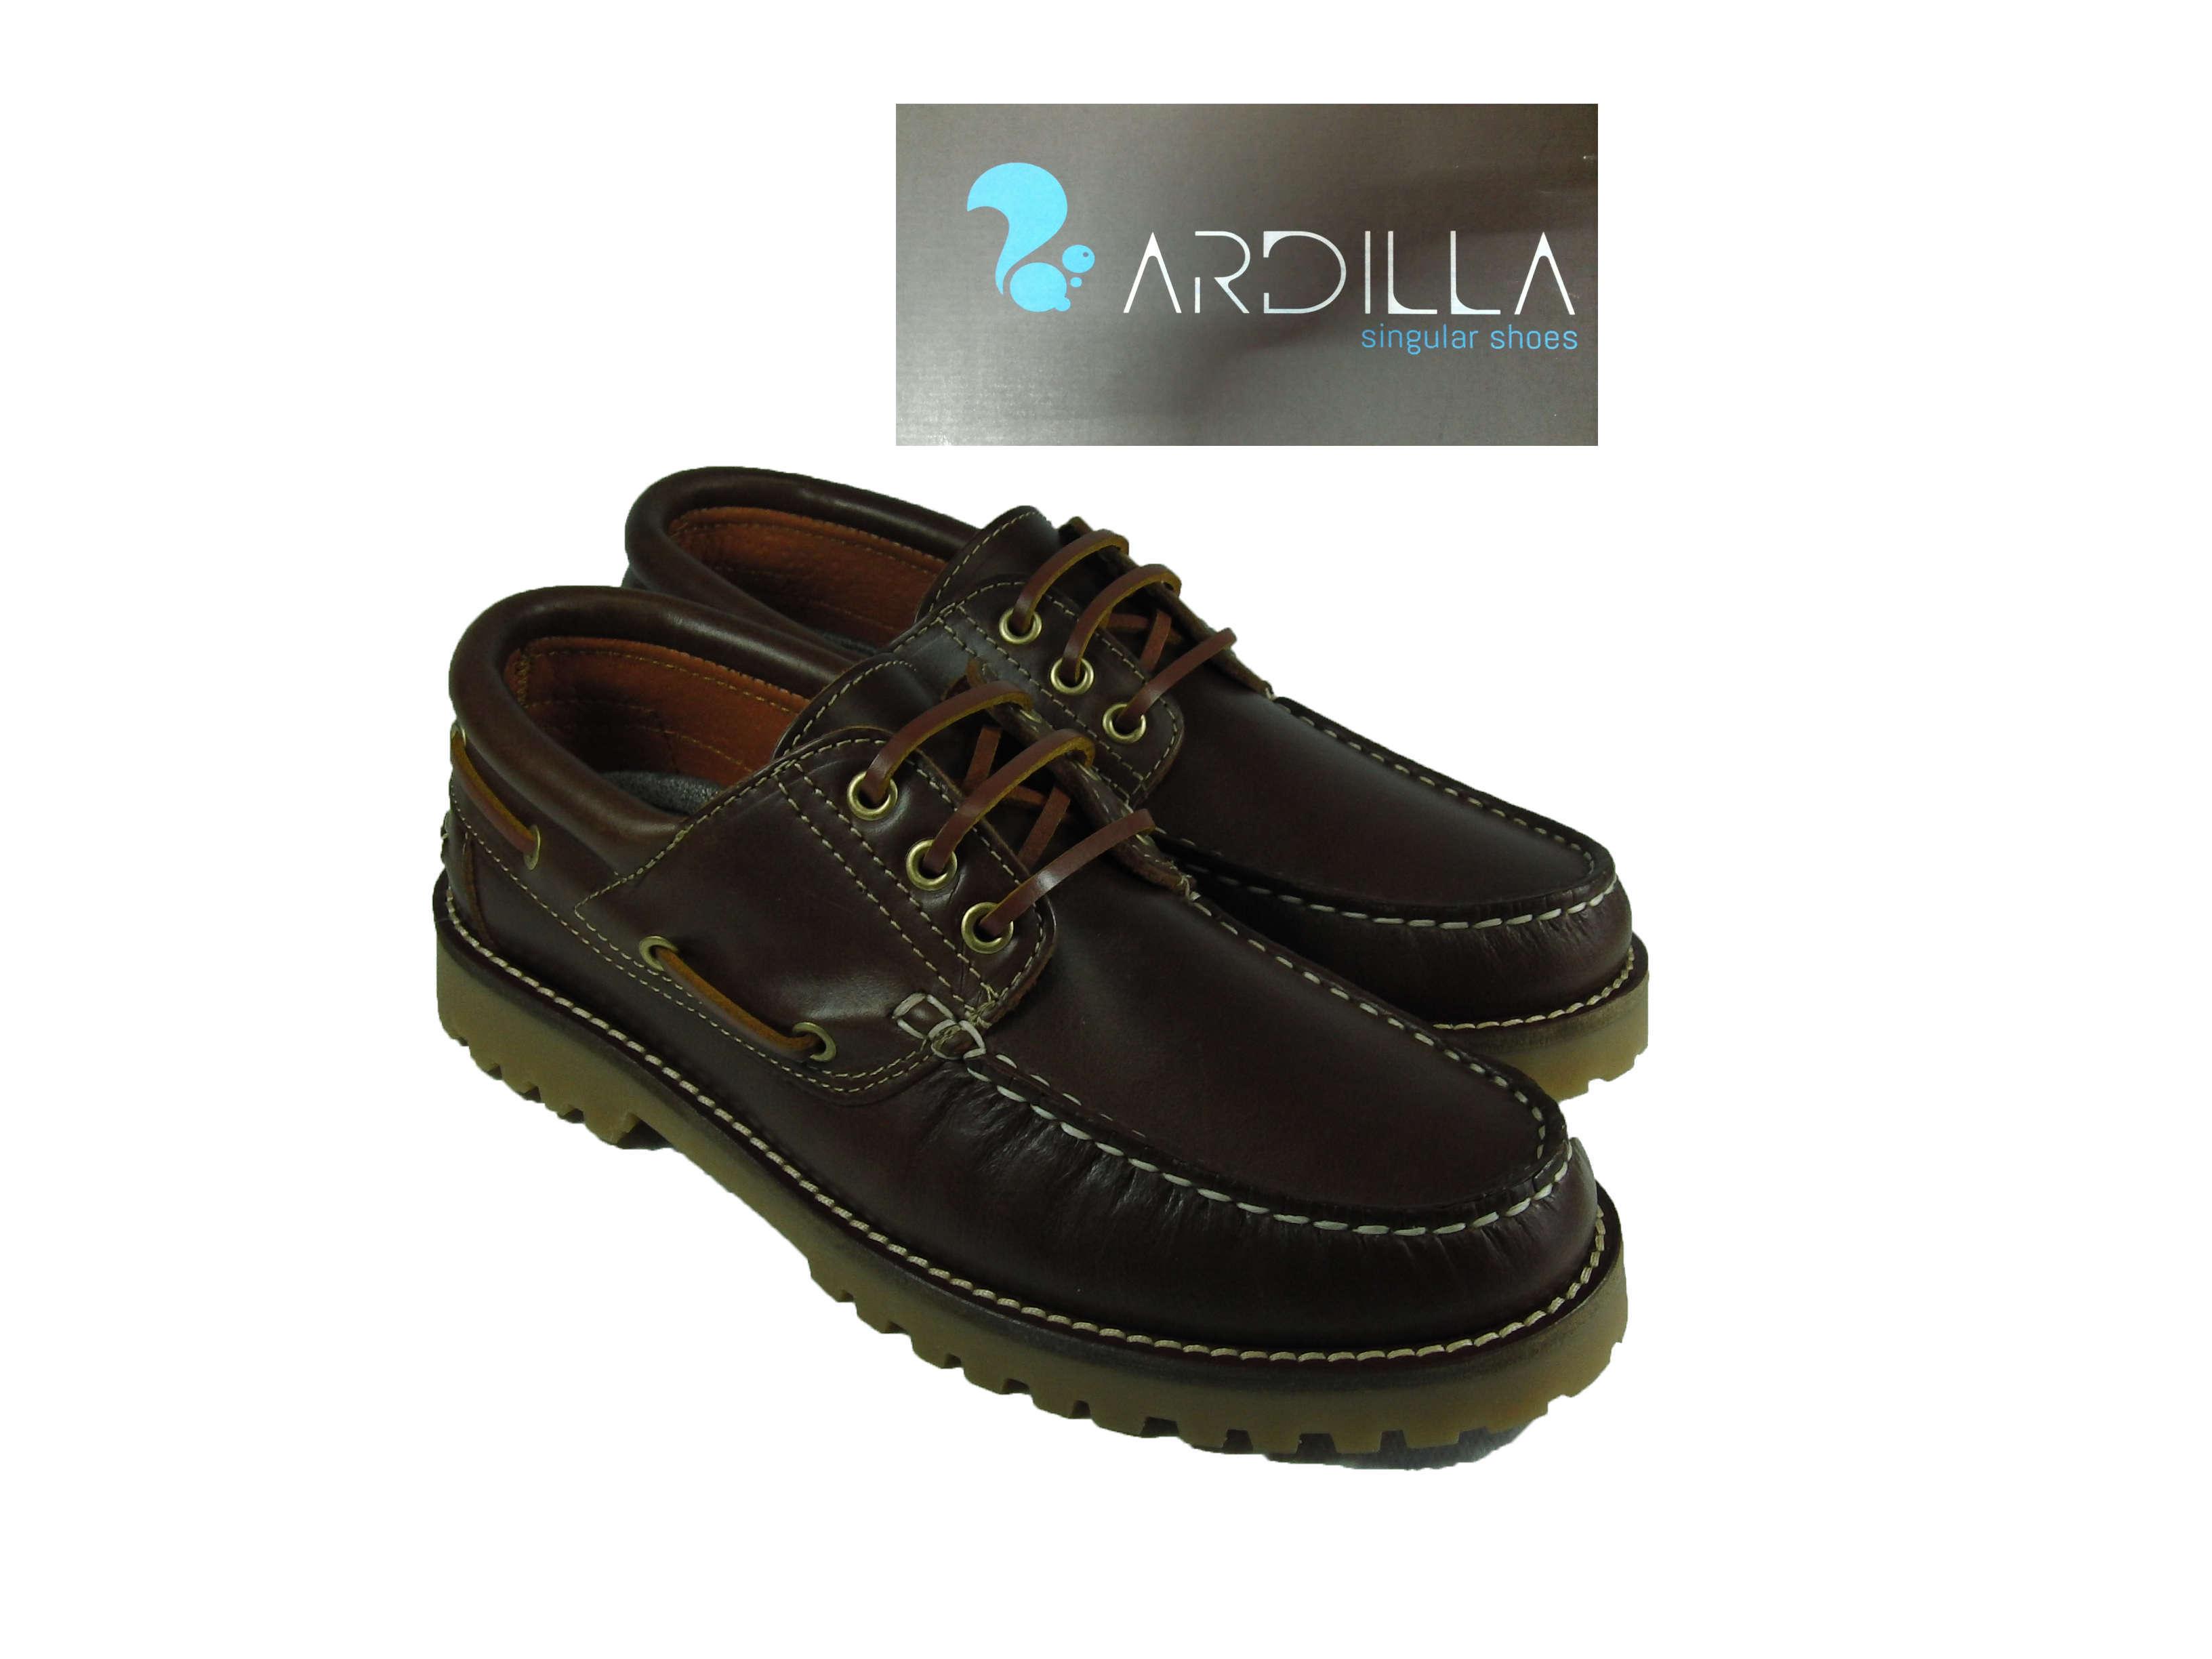 Ardilla Zapatos Shoes Ardilla Hombre Singular Hombre Zapatos Ardilla Shoes Singular rZ1rTvxU